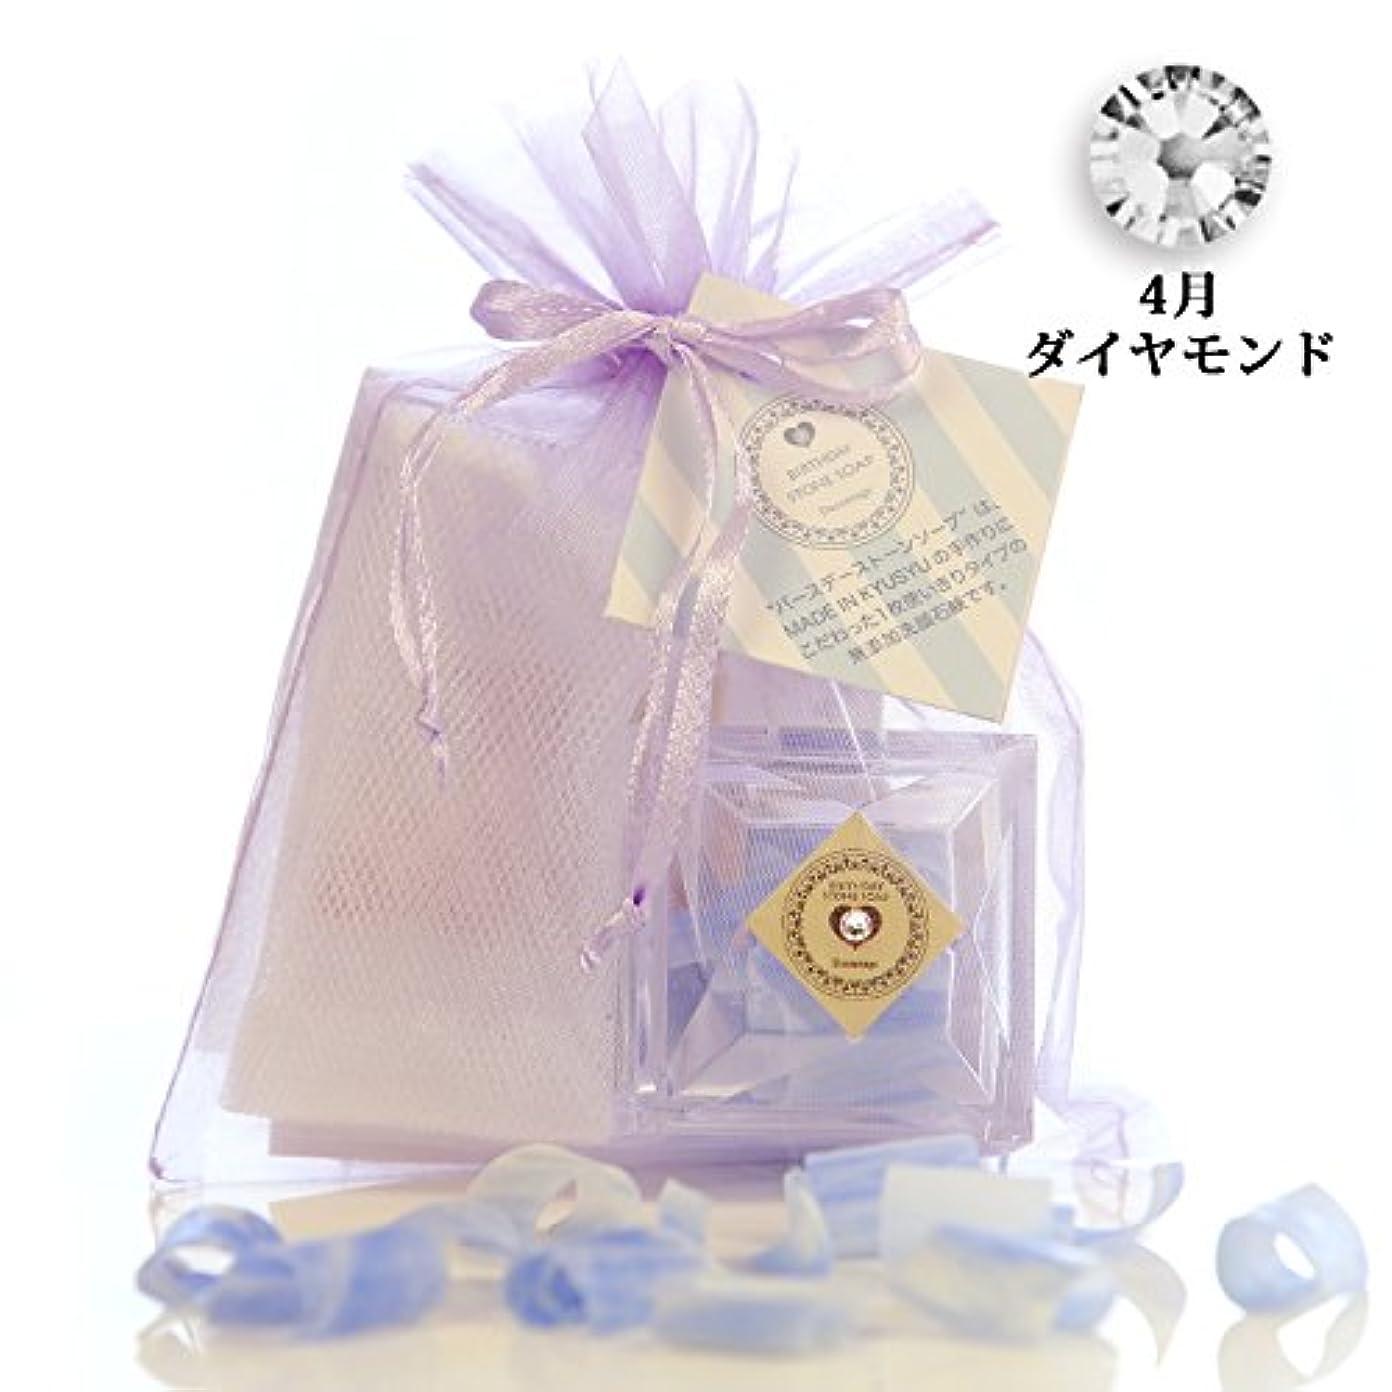 ええバックアップニコチン誕生月で選べるバースデーストーンソープ マリンmini プチギフト 【4月】 ダイヤモンド(プルメリアの香り)